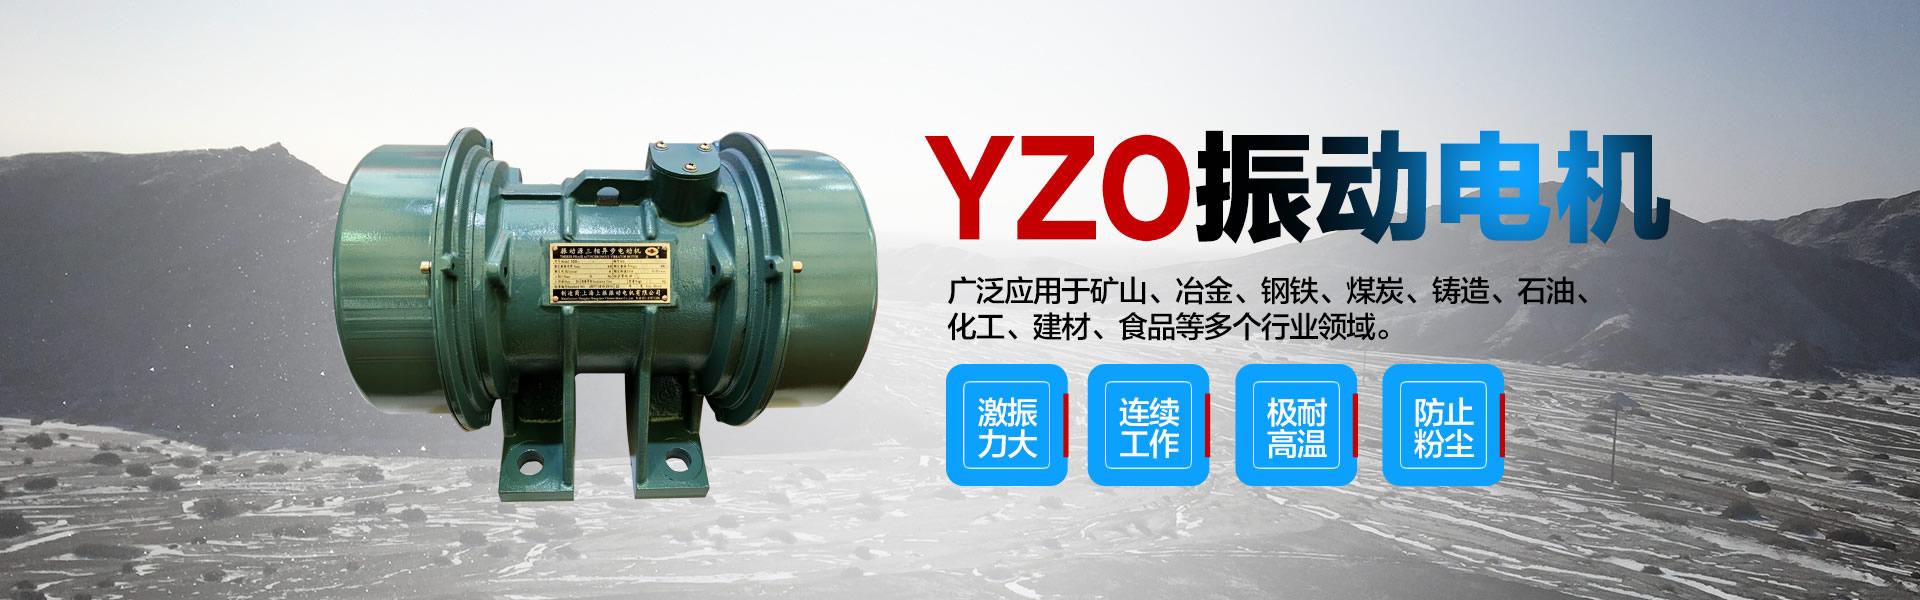 振动源三相异步电动机、YZO20-4振动电机